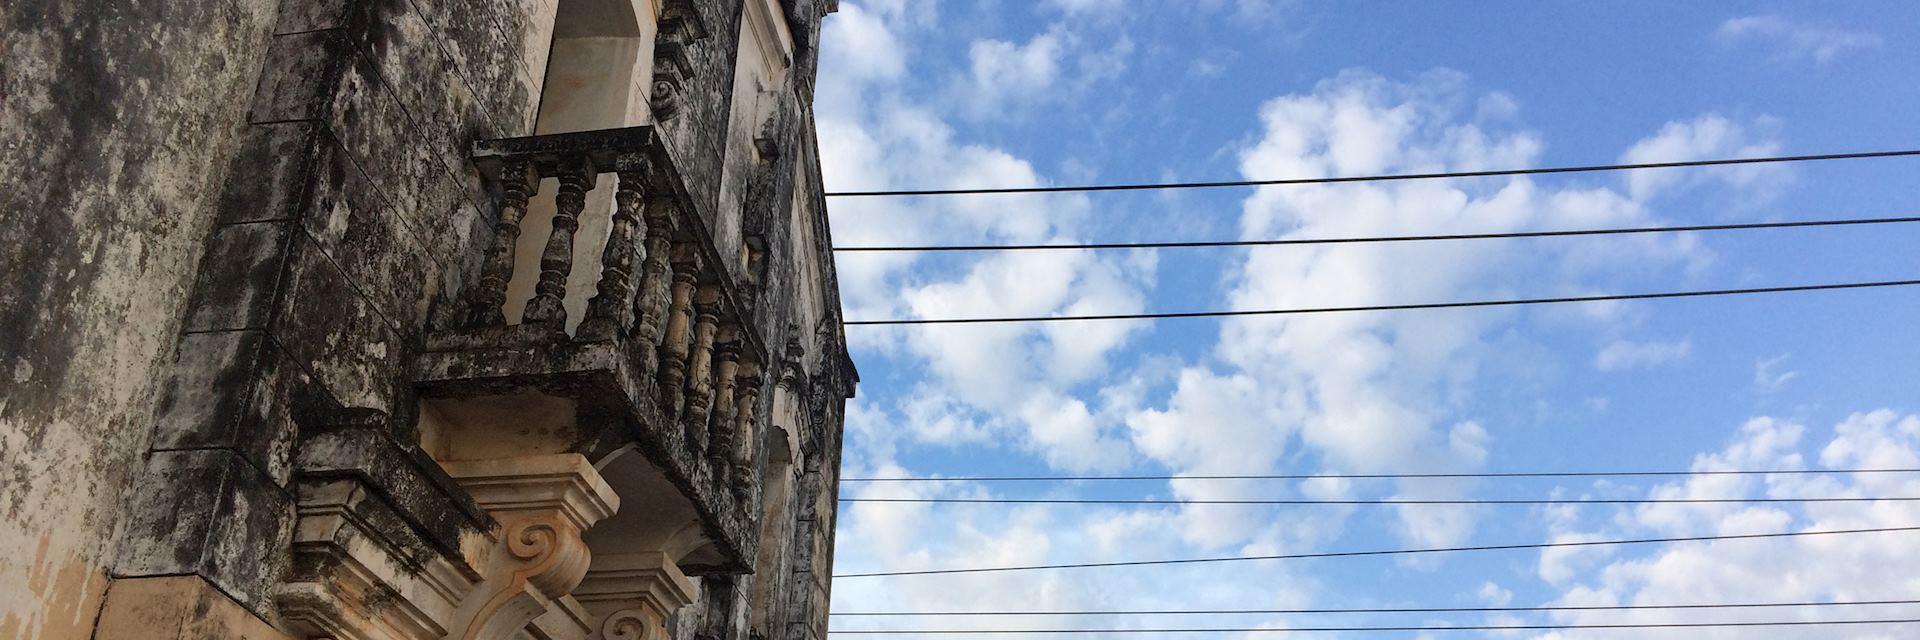 Old building in Thakhek